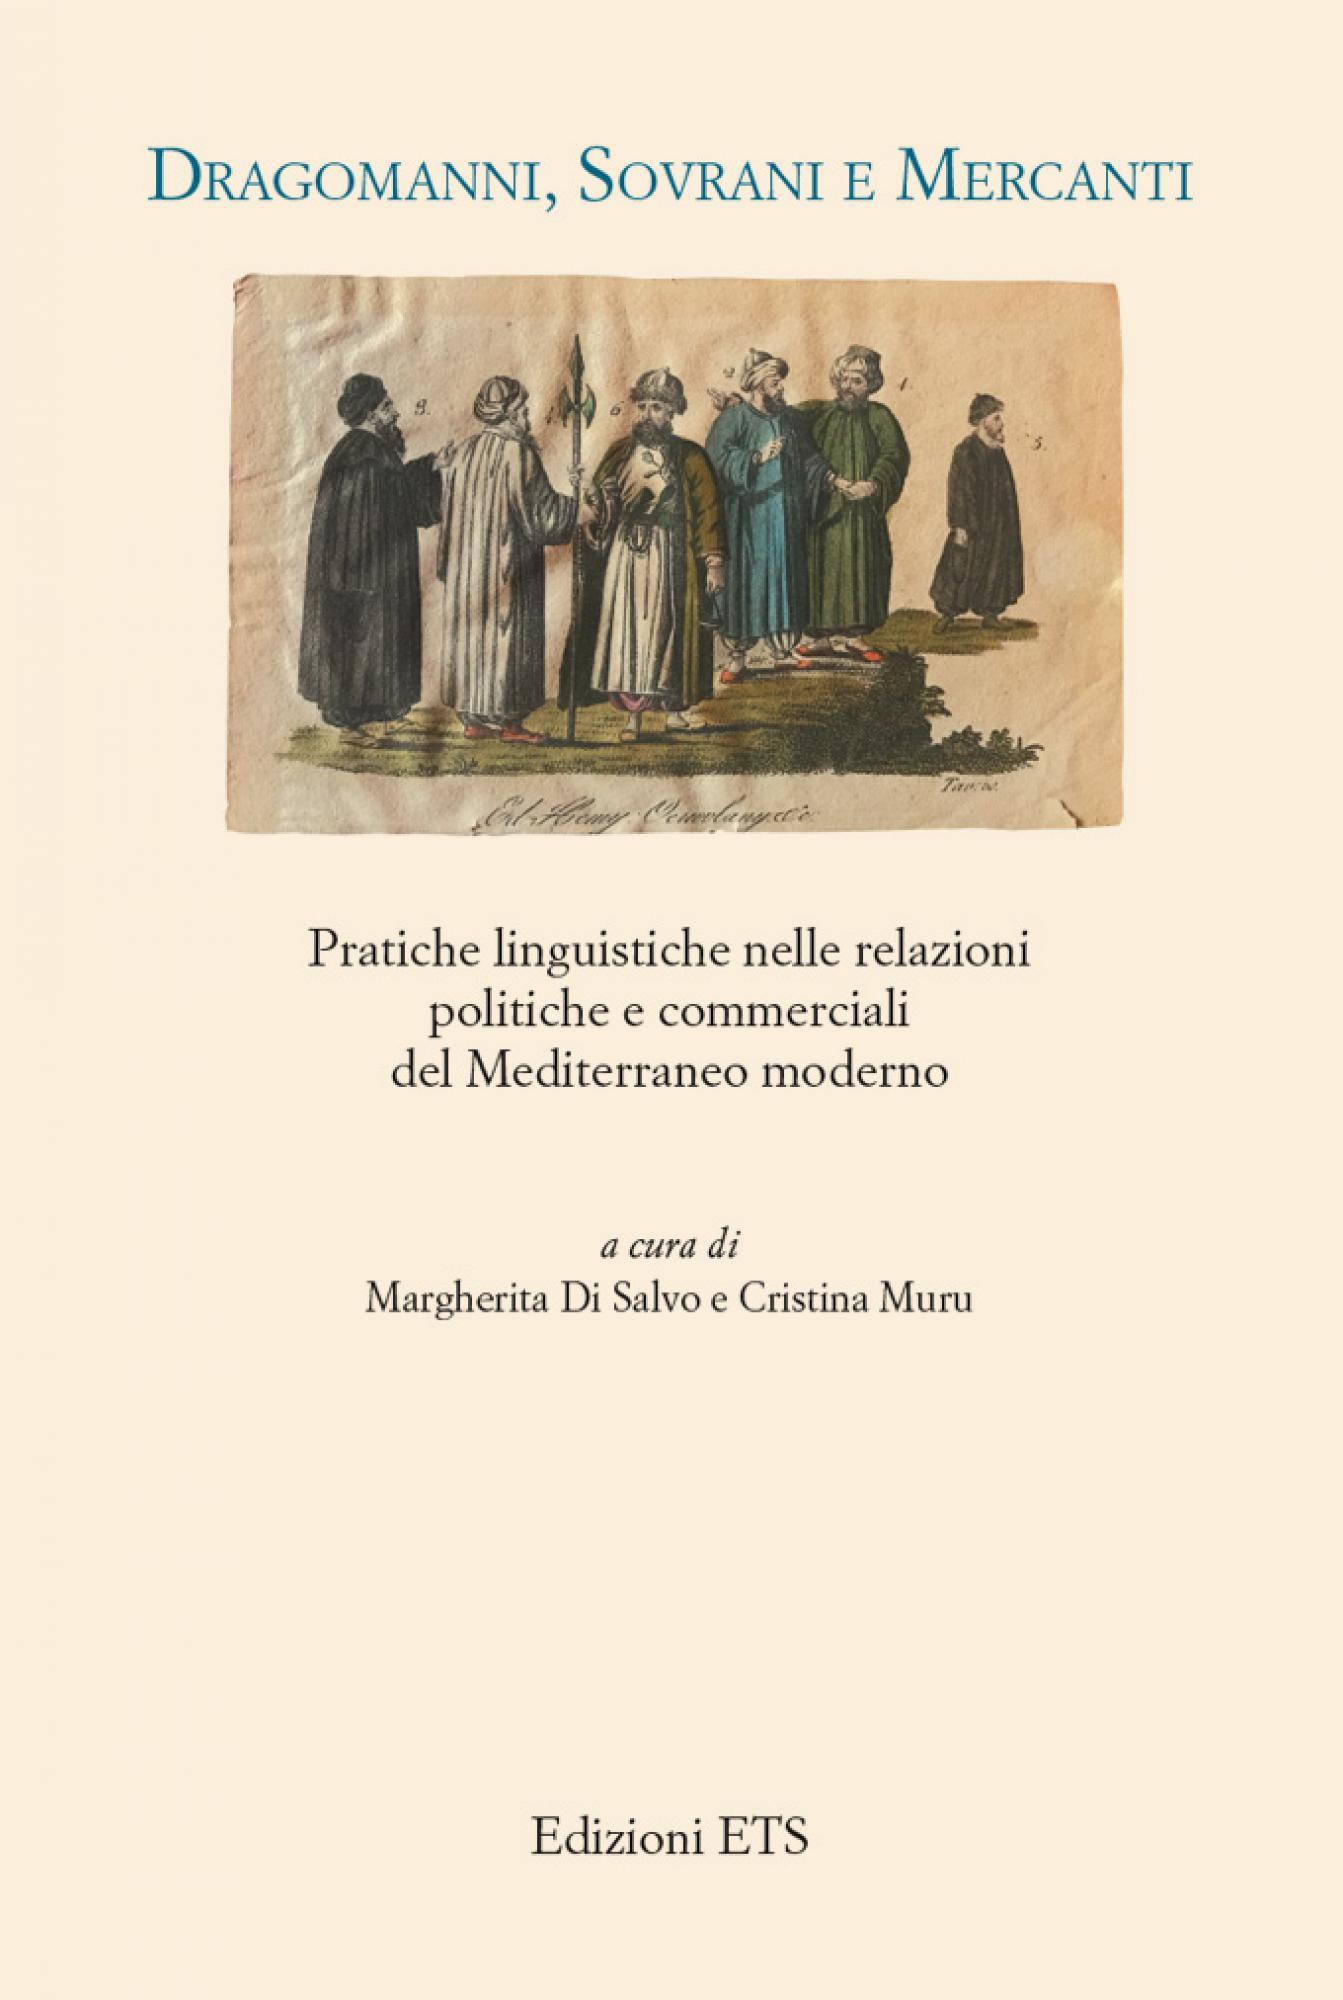 Dragomanni, Sovrani e Mercanti.Pratiche linguistiche nelle relazioni politiche e commerciali del Mediterraneo moderno